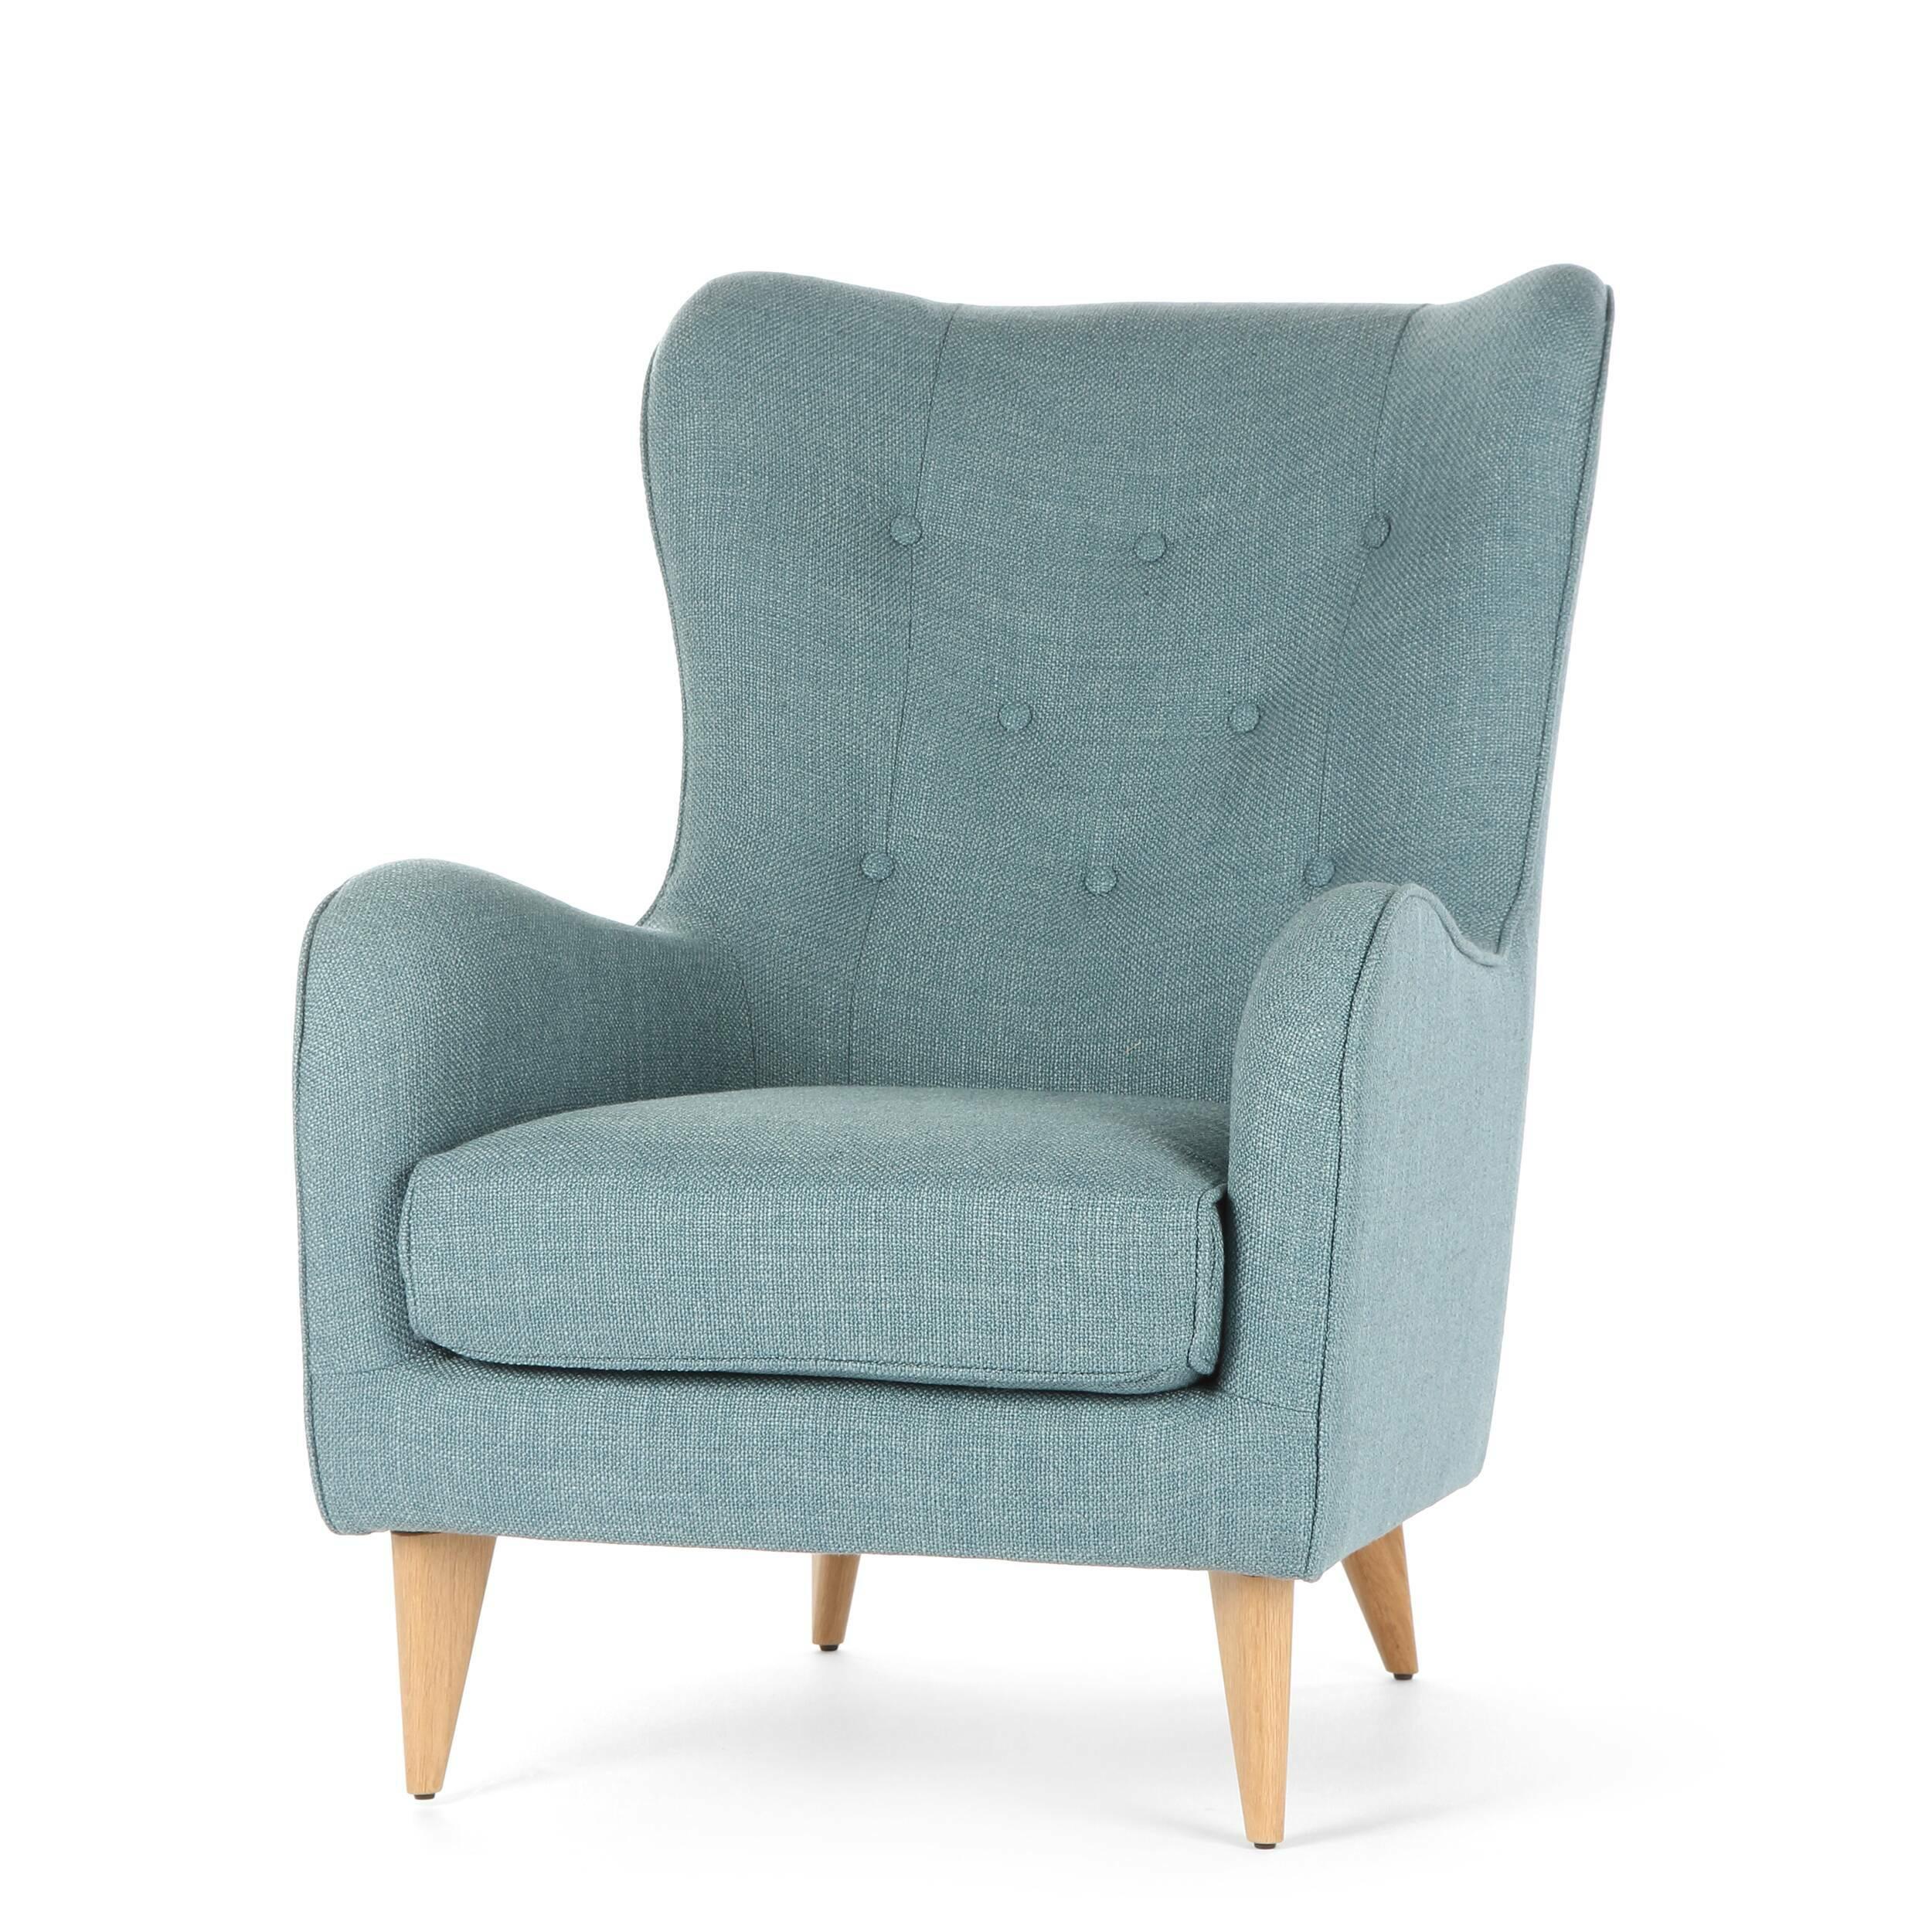 Кресло PolaИнтерьерные<br>Дизайнерское мягкое удобное кресло Pola (Пола) с тканевой обивкой от Sits (Ситс).<br><br><br> Дизайнеры компании Sits, чья мебель имеет выраженные шведские черты, не перестает радовать новыми моделями мягкой мебели. Изящные и невероятно удобные формы кресла Pola помогут вам расслабиться и отдохнуть даже в самый разгар трудового дня. На выбор имеется большое количество вариантов цветового исполнения обивки кресла, благодаря чему вы легко подберете именно то, что лучше всего подойдет вашей комнате...<br><br>stock: 0<br>Высота: 102<br>Высота сиденья: 45<br>Ширина: 77<br>Глубина: 96<br>Цвет ножек: Дуб<br>Материал ножек: Дерево<br>Материал обивки: Ткань<br>Материал пуговиц: Ткань<br>Цвет пуговиц: Бирюзовый<br>Цвет обивки: Бирюзовый